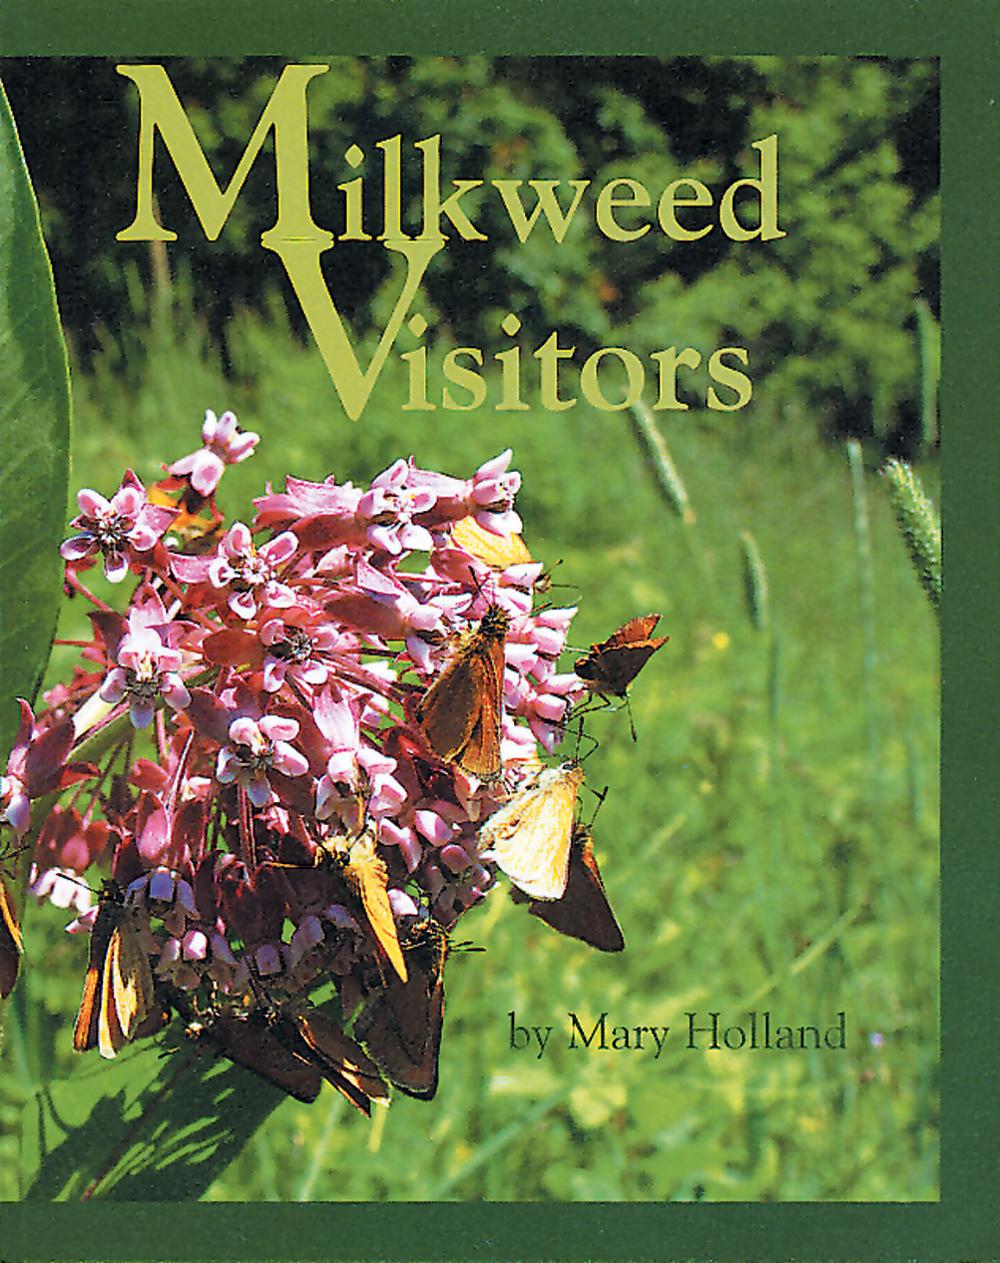 Milkweed Visitors